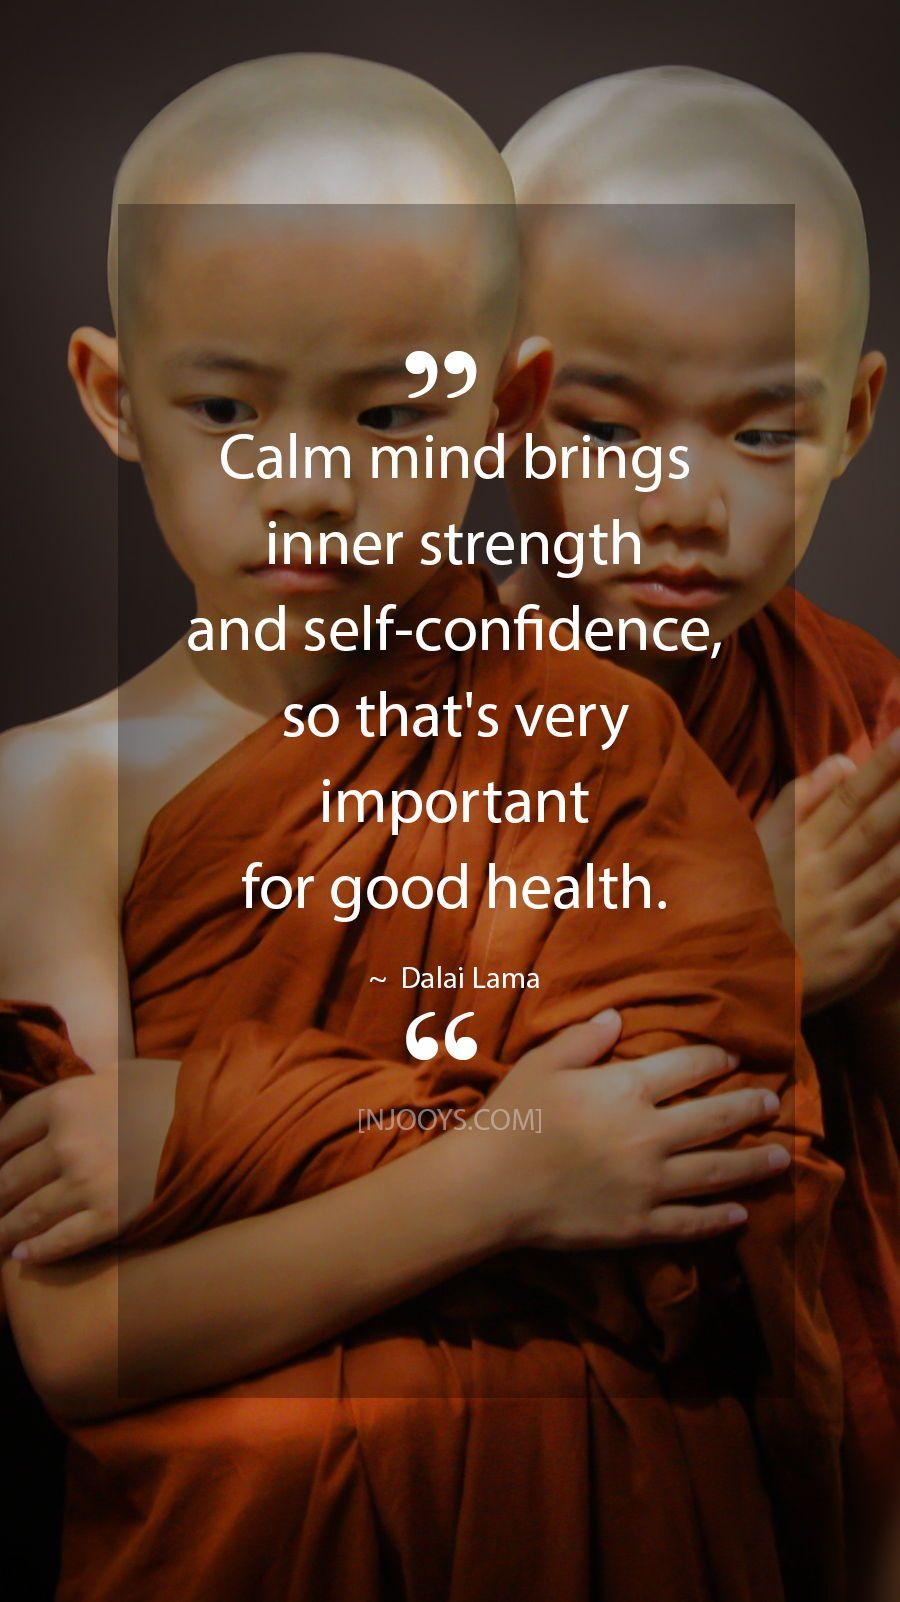 Dalai Lama Quotes Calm Mind Brings Inner Strength And Self